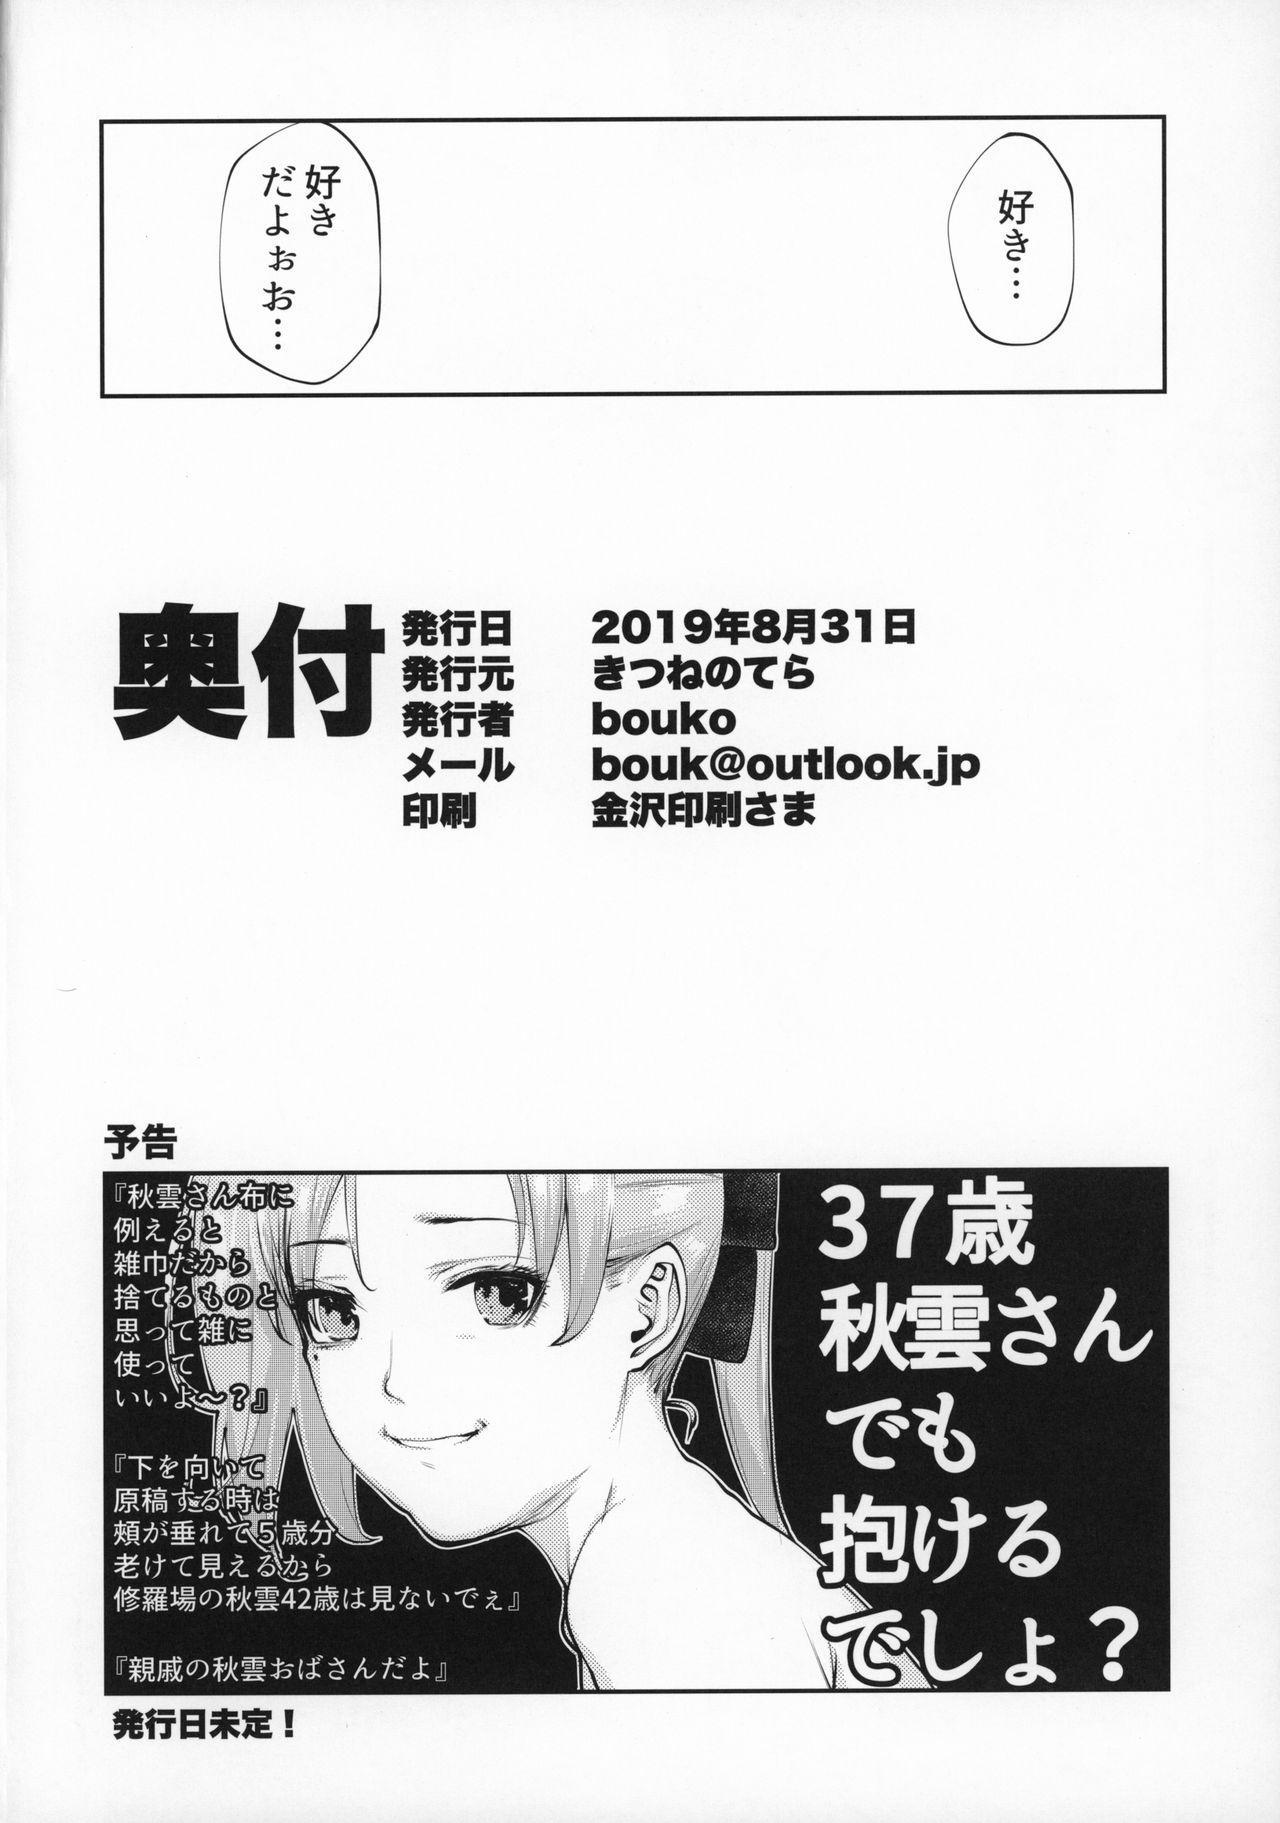 [kitsunenotera (bouko)] Kou demo Shinakya Akigumo-san 25-sai ga Teitoku to Hameru Kikai Isshou Konai desho (Kantai Collection -KanColle-) 24